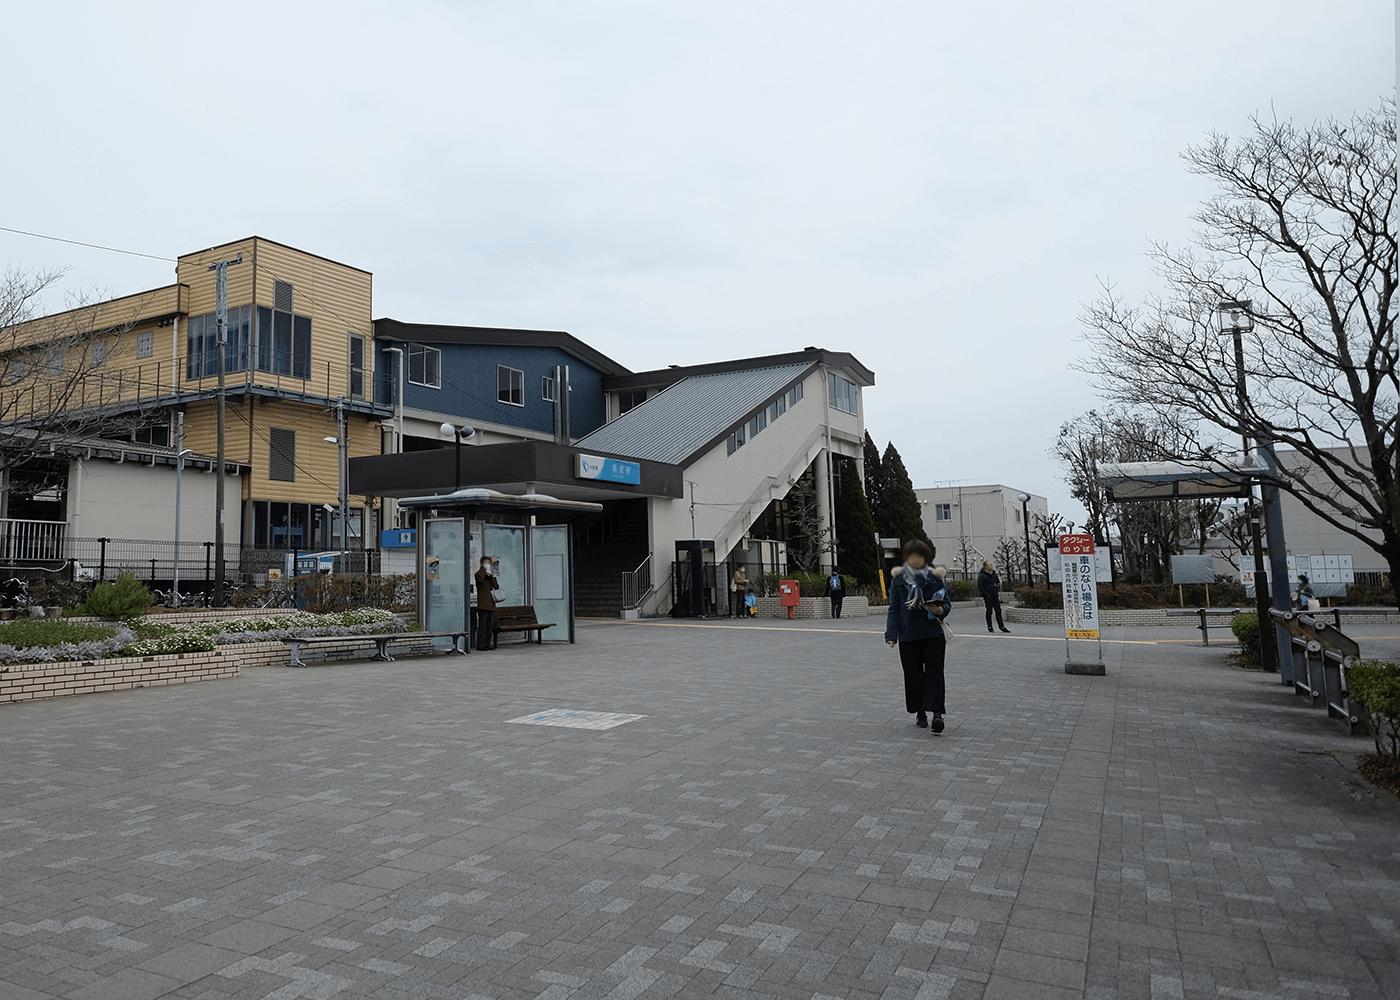 マイクロブルワリーを訪ねて。クラフトビールの旅 神奈川編(ガラパゴレーシング→厚木ビール→EBINA BEER)